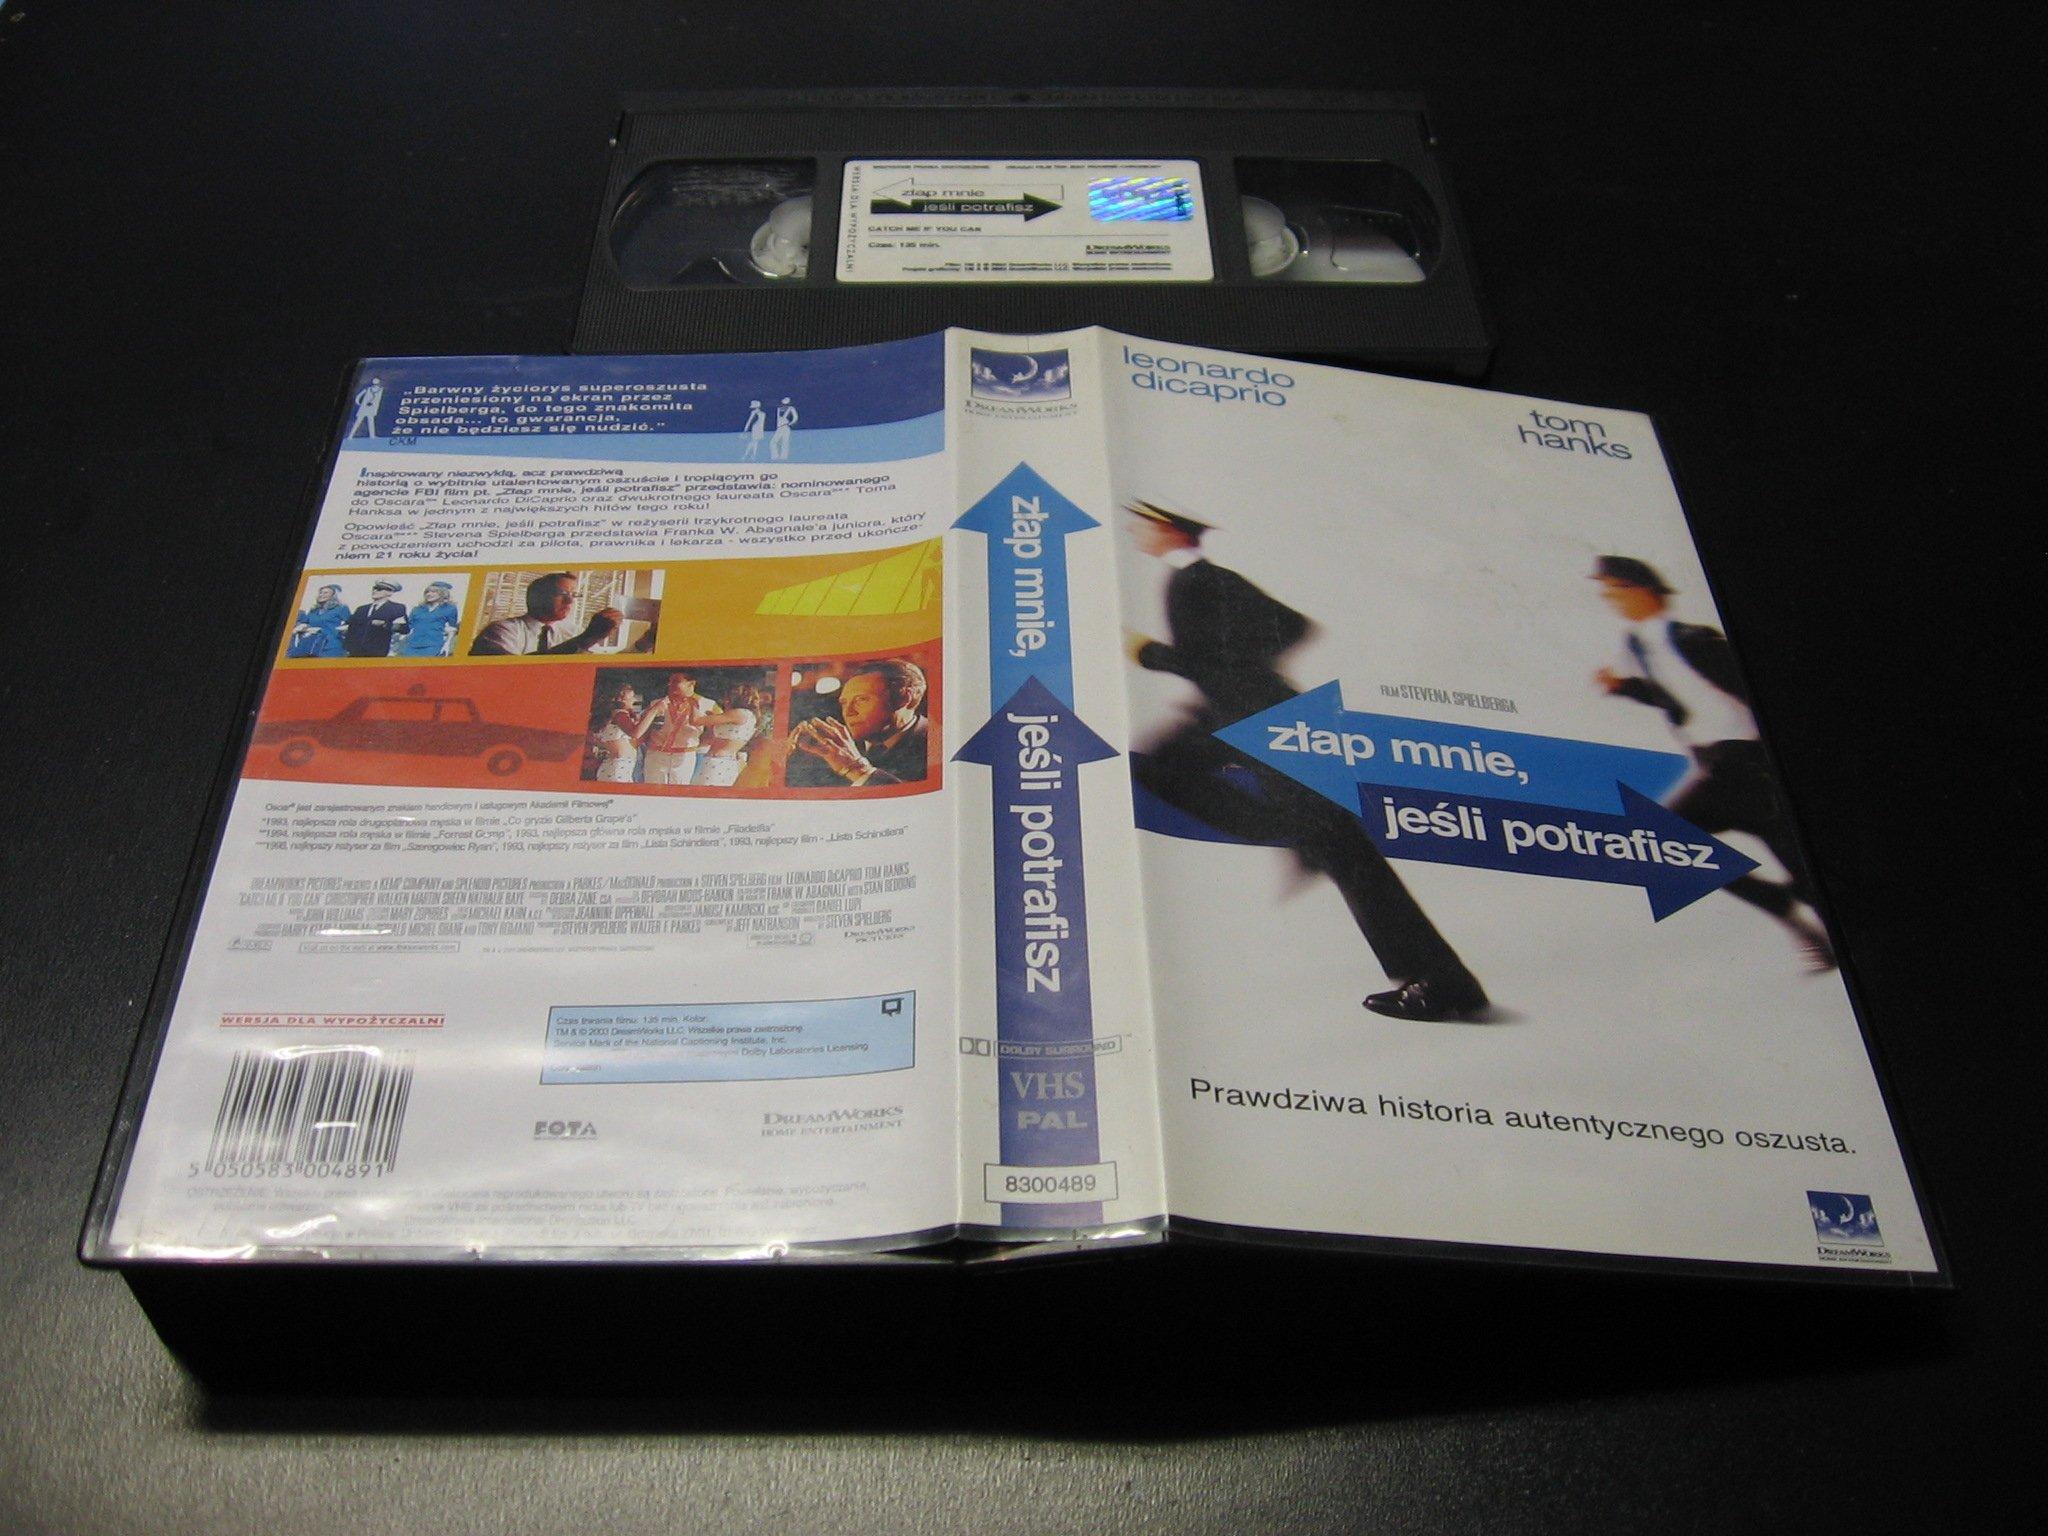 ZŁAP MNIE JEŚLI POTRAFISZ ```````````` VHS ```````````` Opole 0029